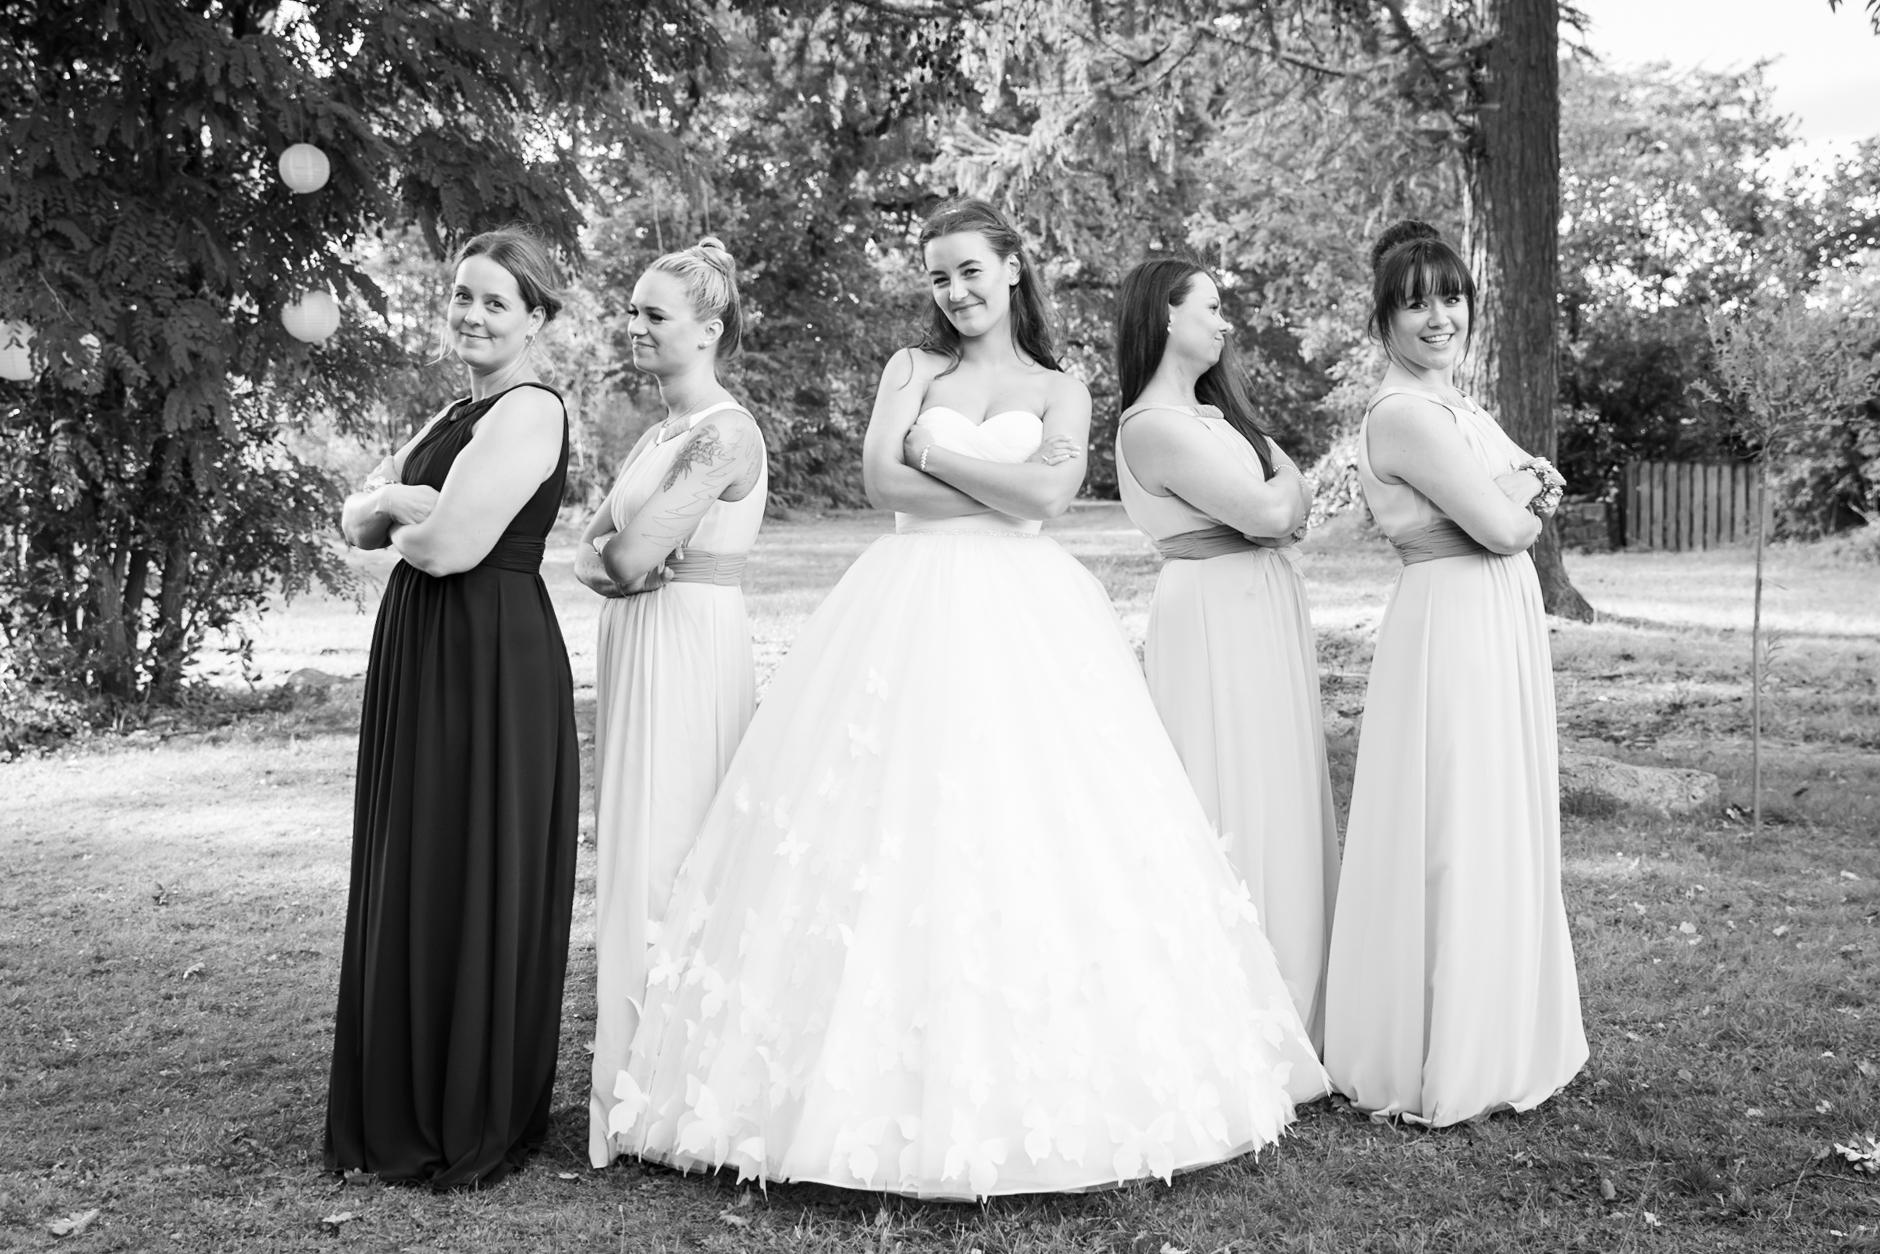 Gruppenbilder mit Braut und Bräutigan sind ein Muss für jede Hochzeitsreportage